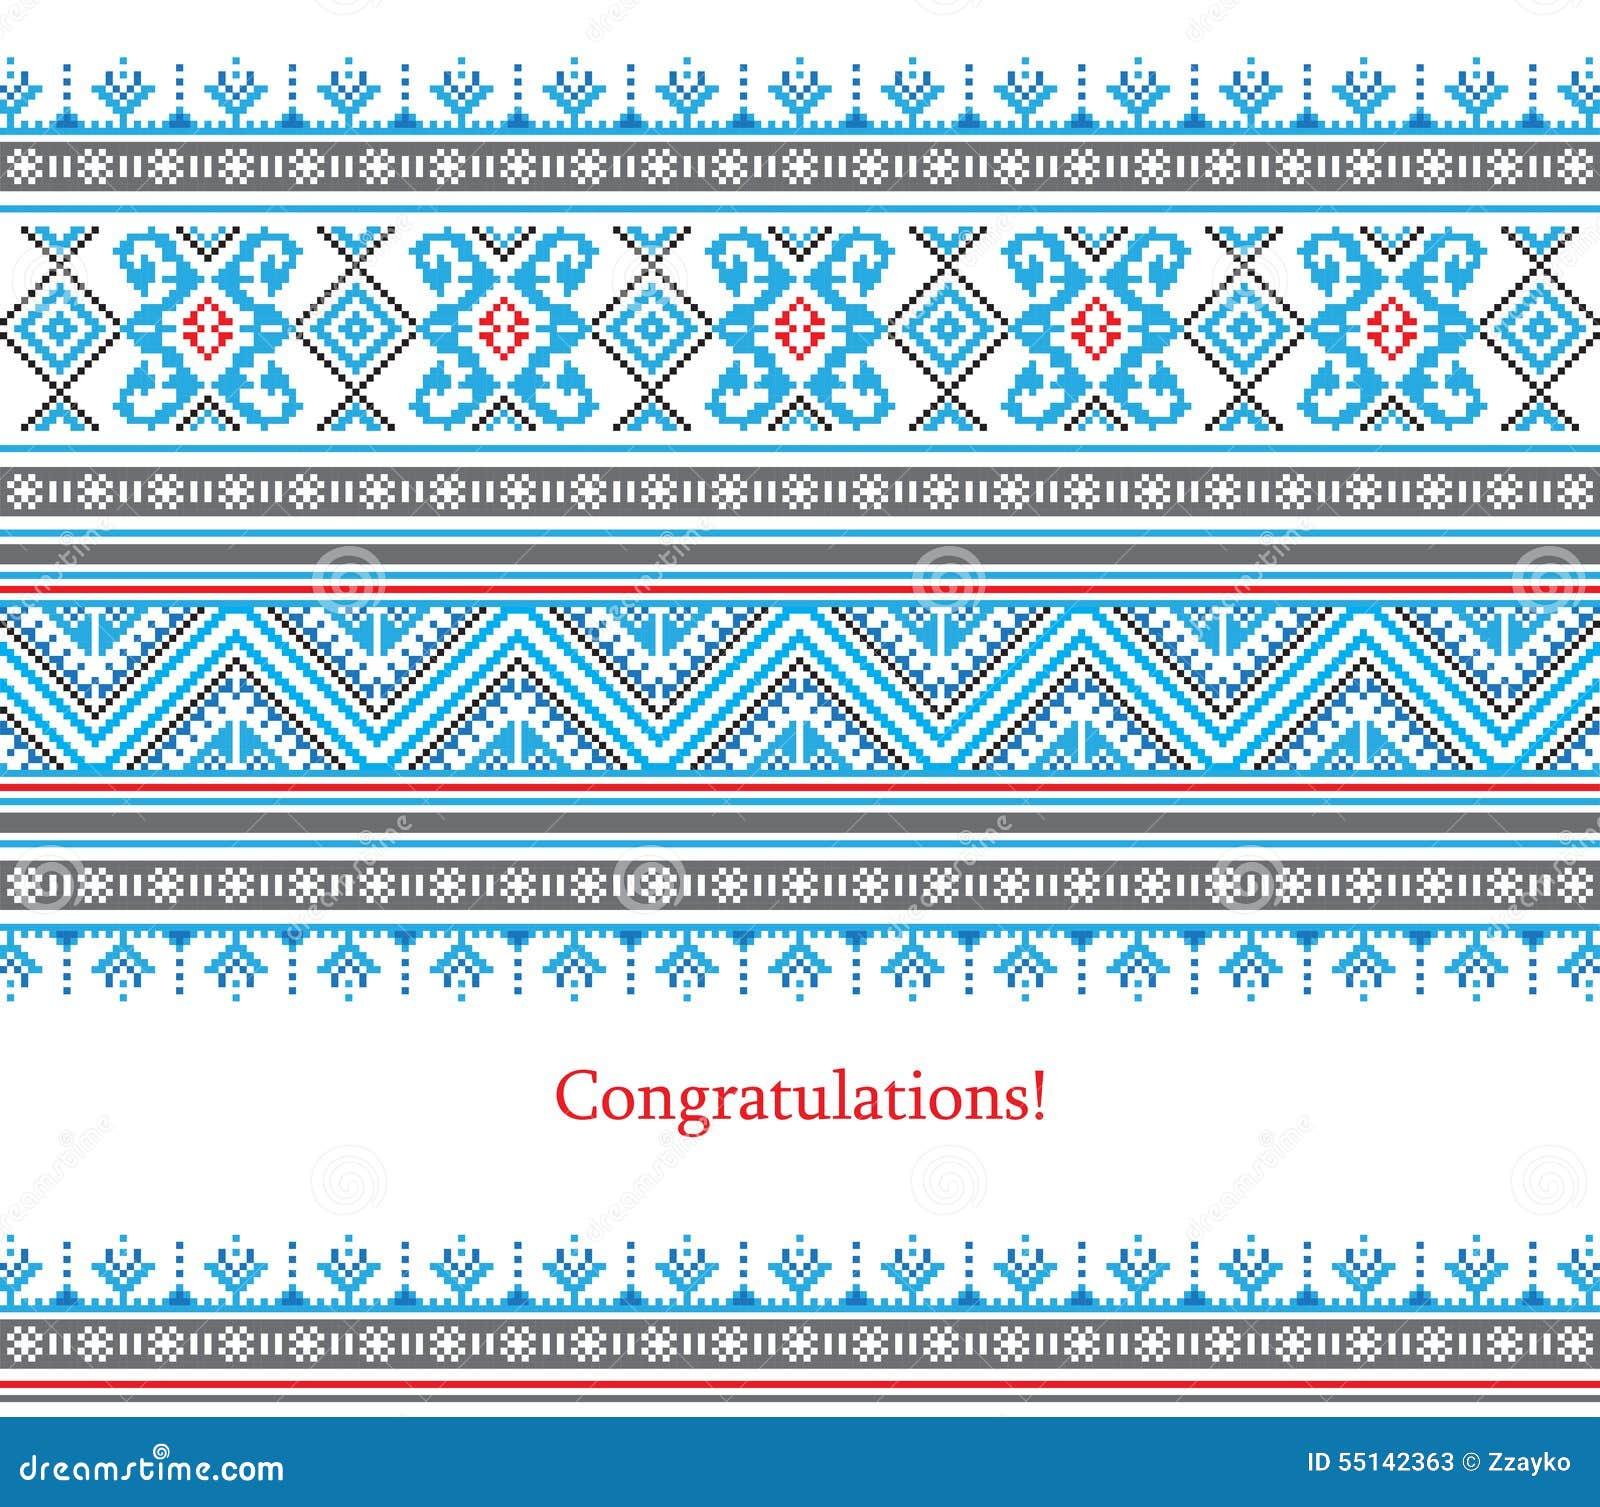 Groetkaart met etnisch ornamentpatroon in verschillende kleuren